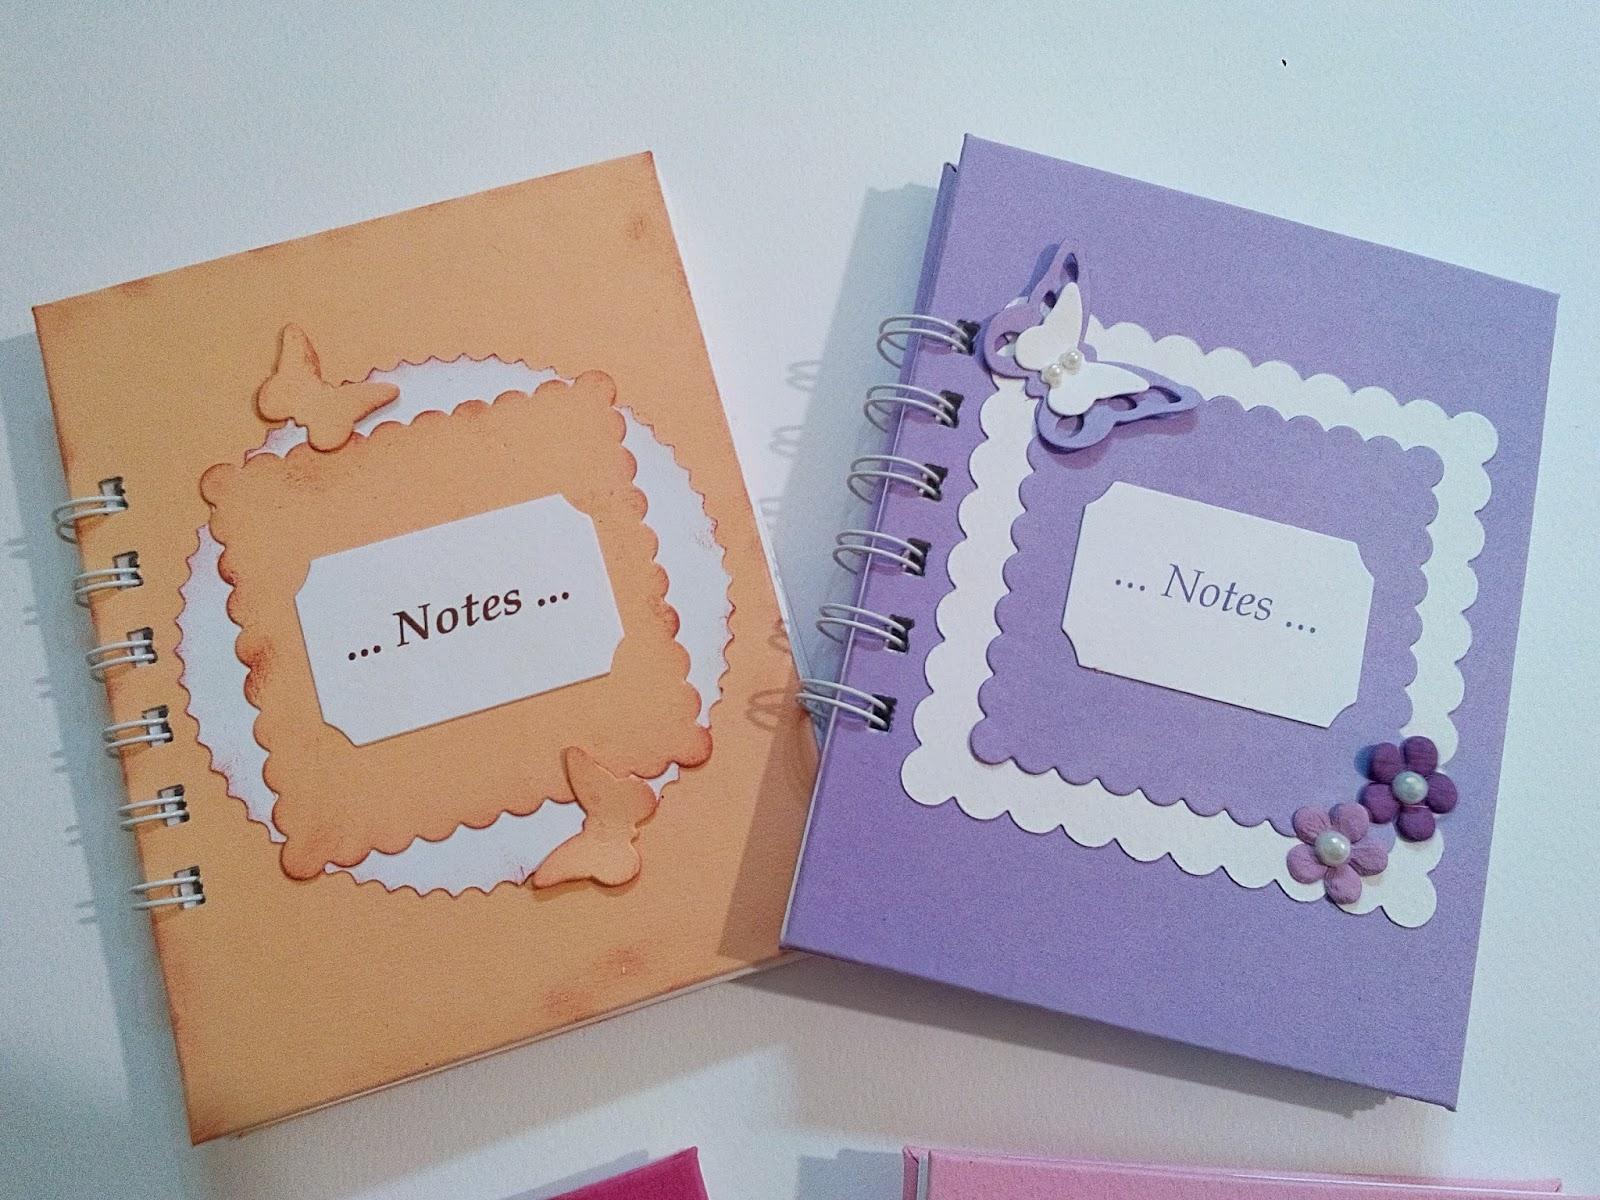 Le piccole creazioni di roberta quadernini per appunti idee regalo per natale e non solo - Piccole idee regalo per natale ...